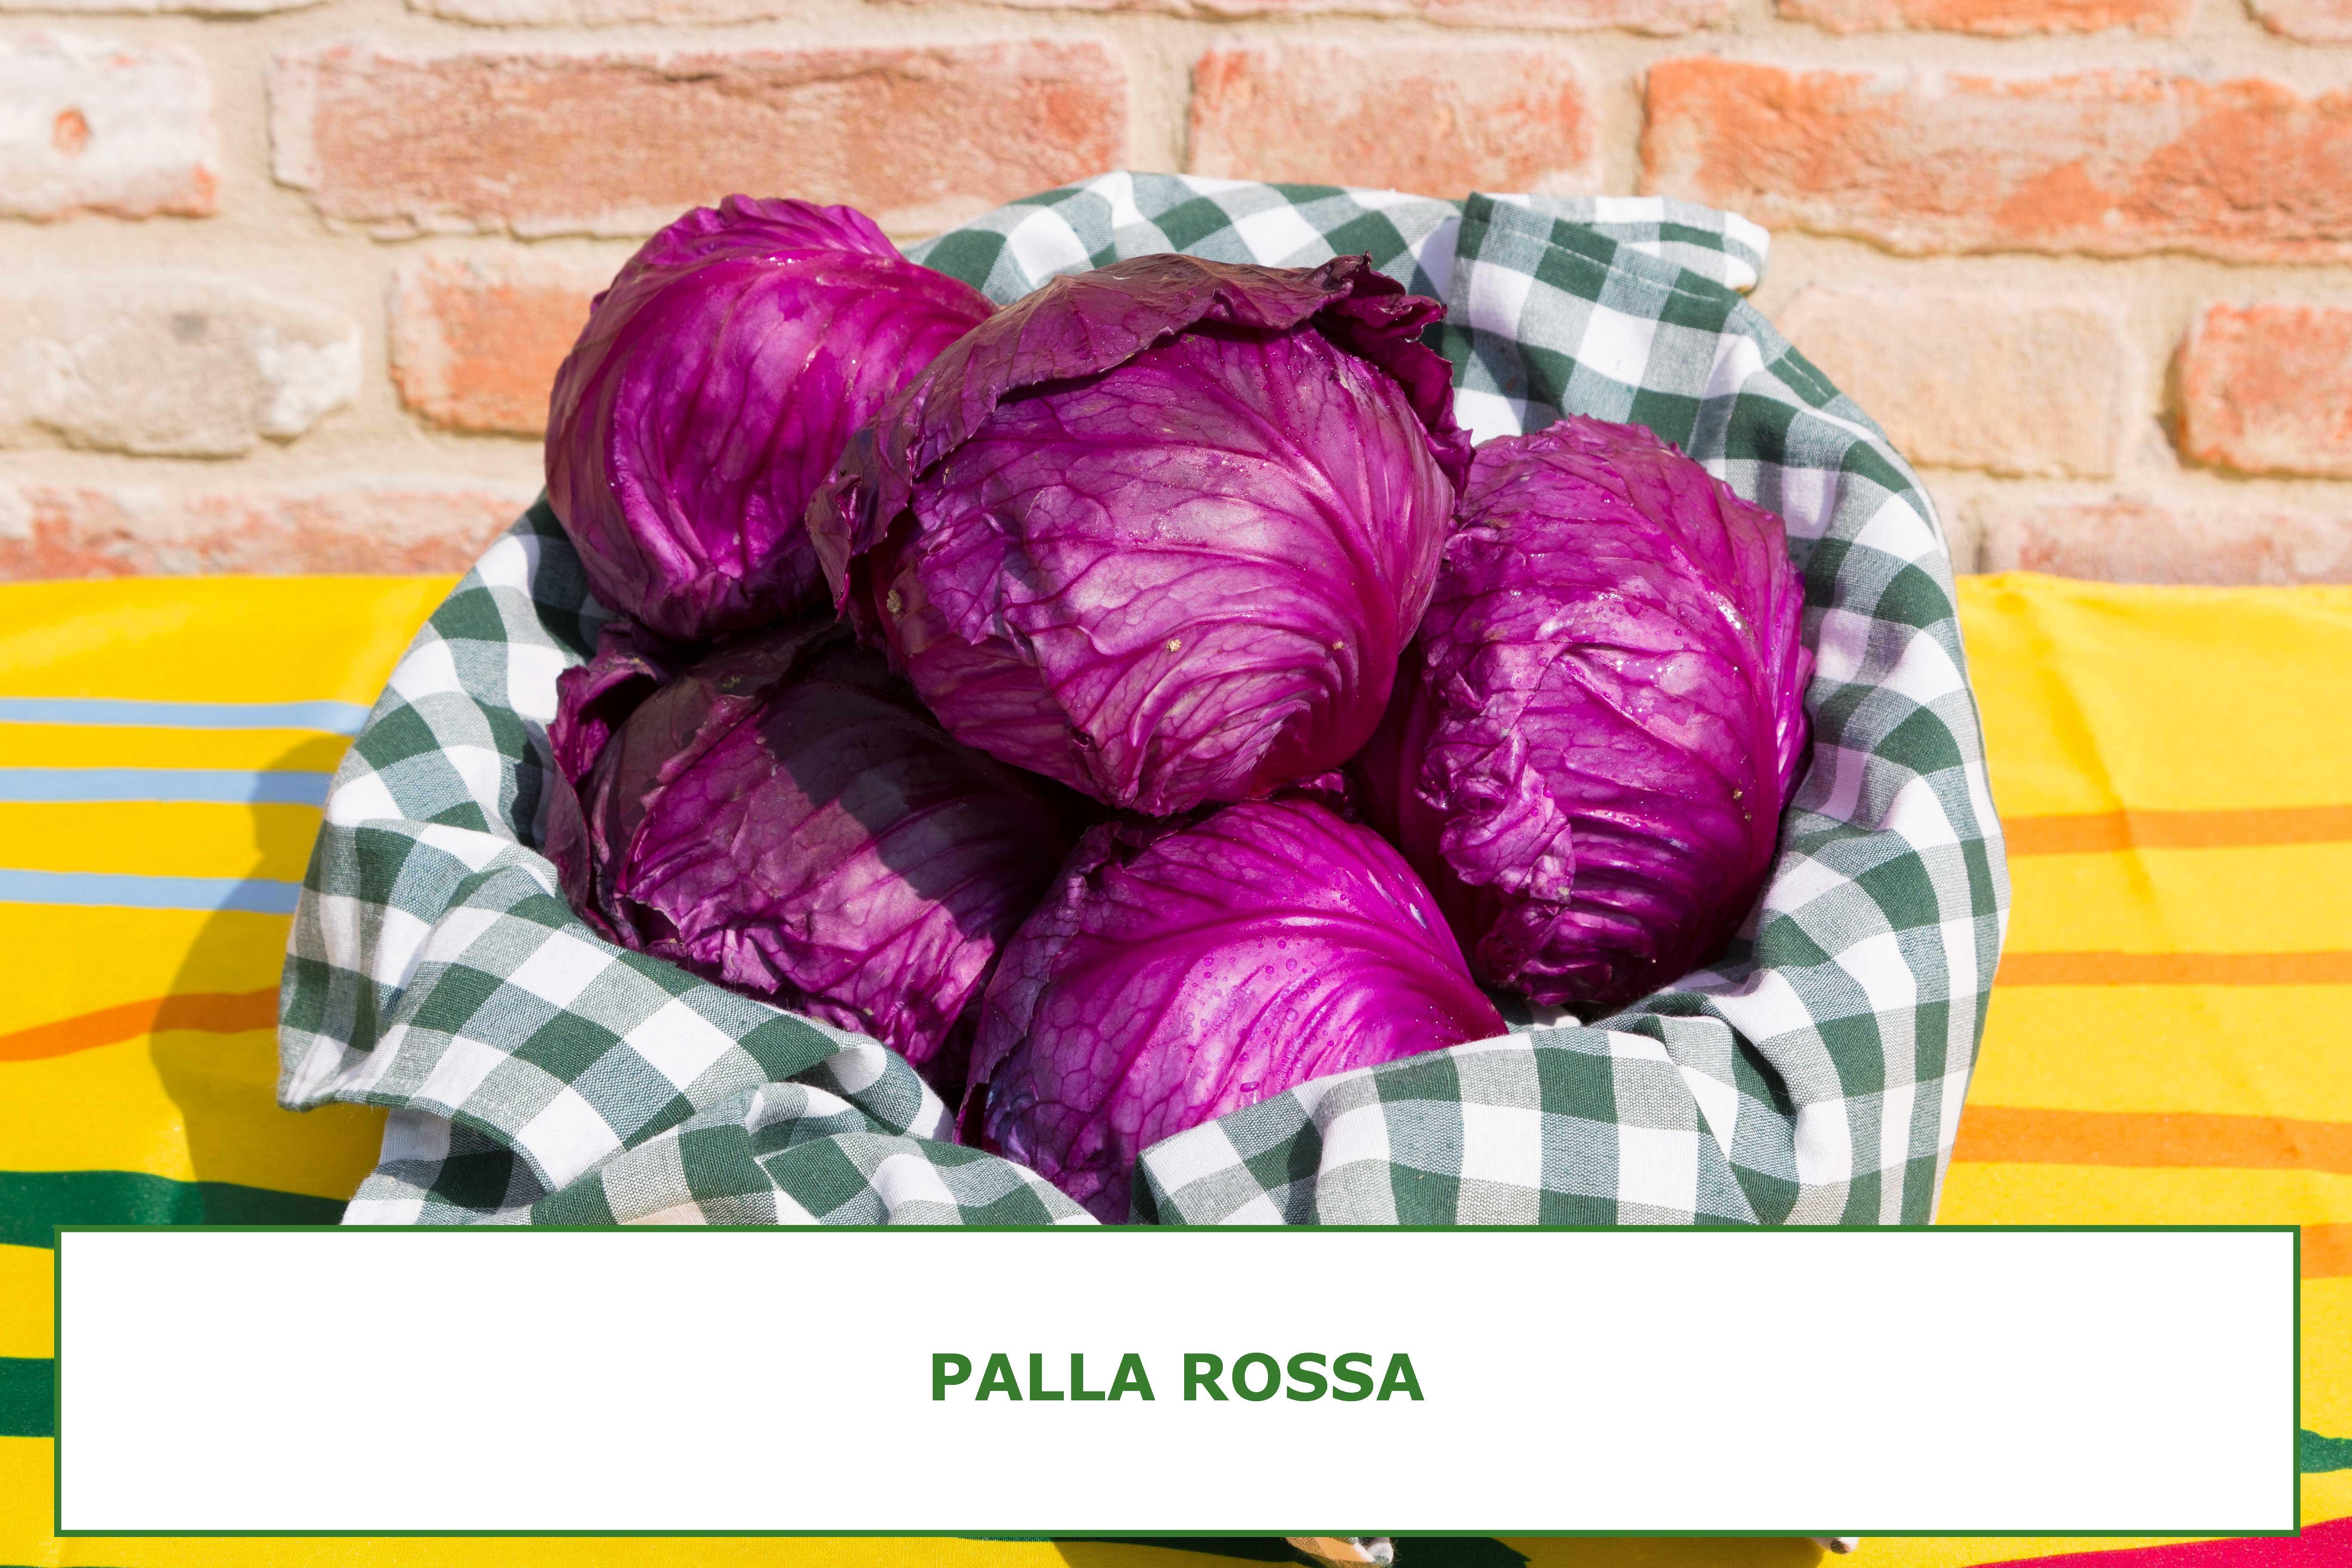 PALLA-ROSSA